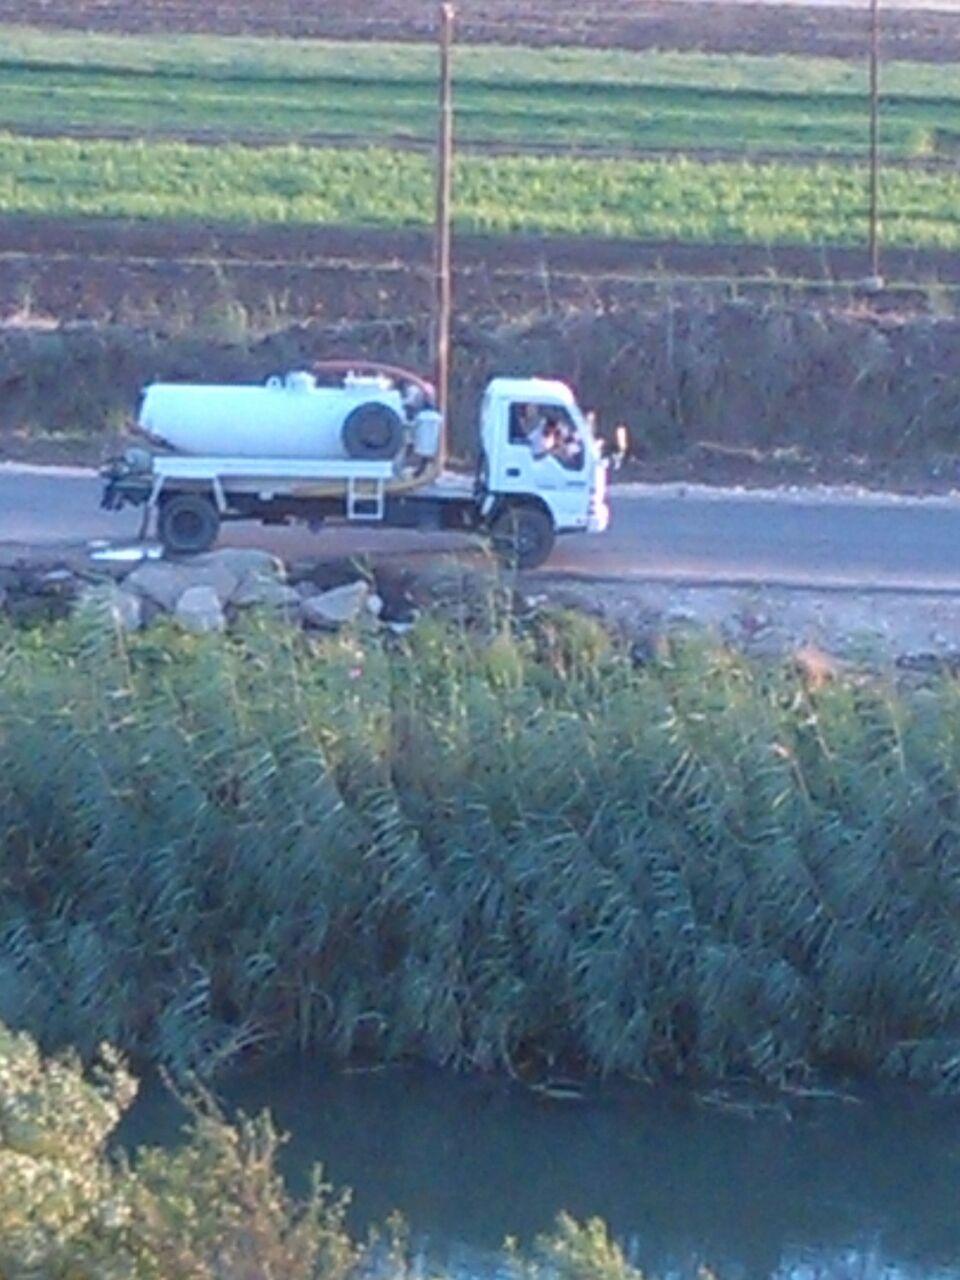 بالصور.. سيارات تفرغ مخلفات الصرف الصحي في ترعة رئيسية بأسيوط